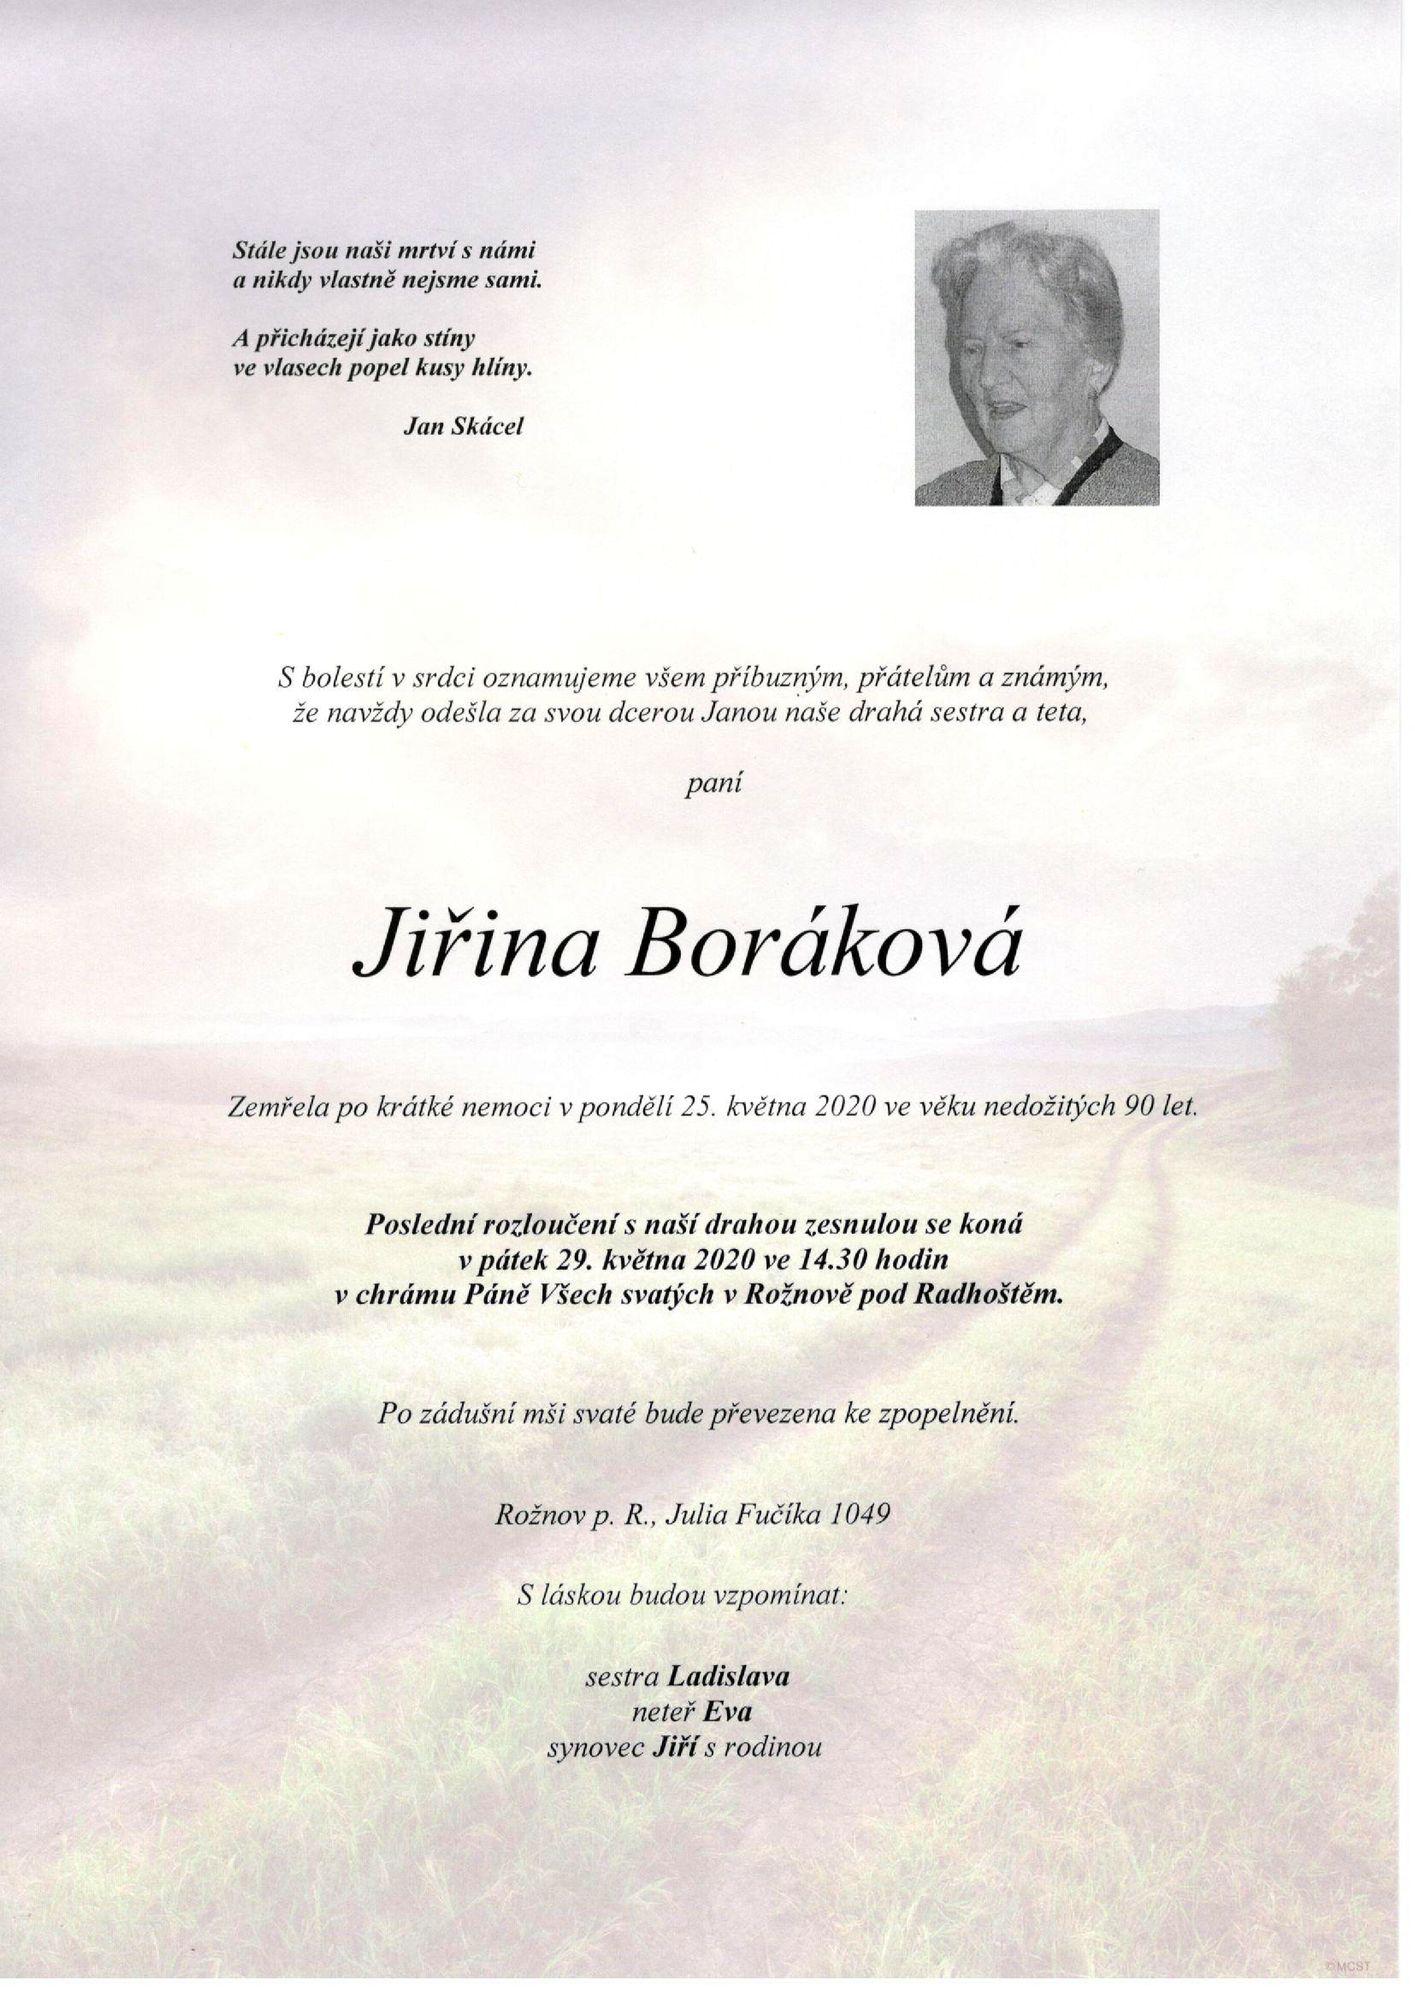 Jiřina Boráková